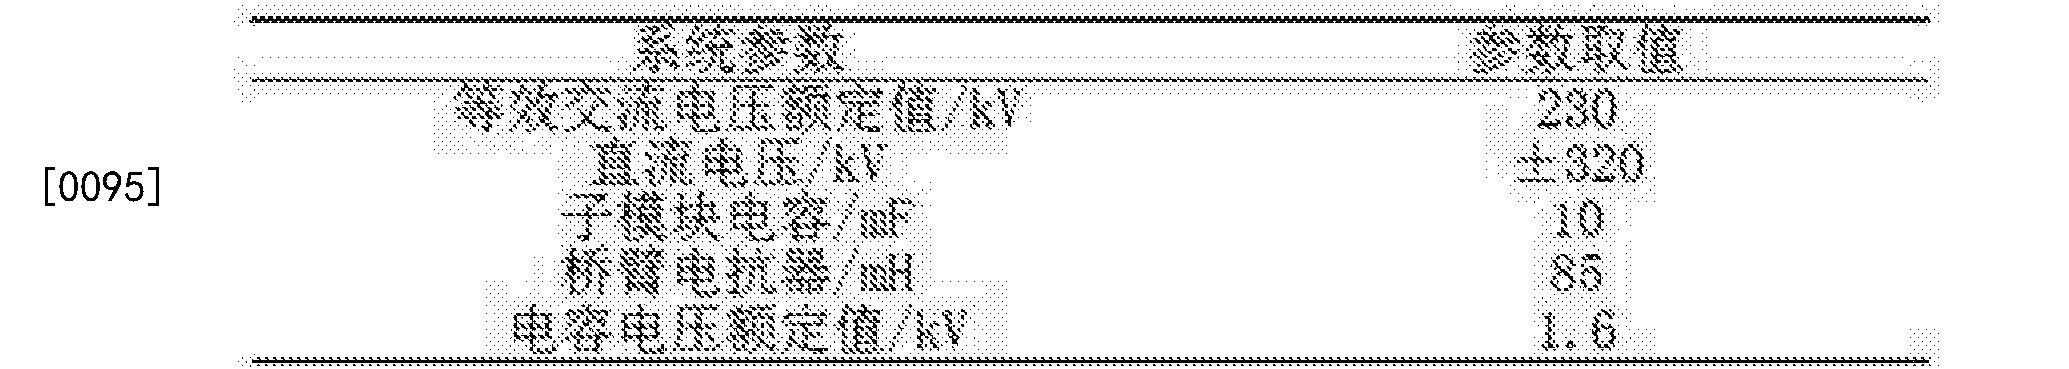 Figure CN105634305BD00101